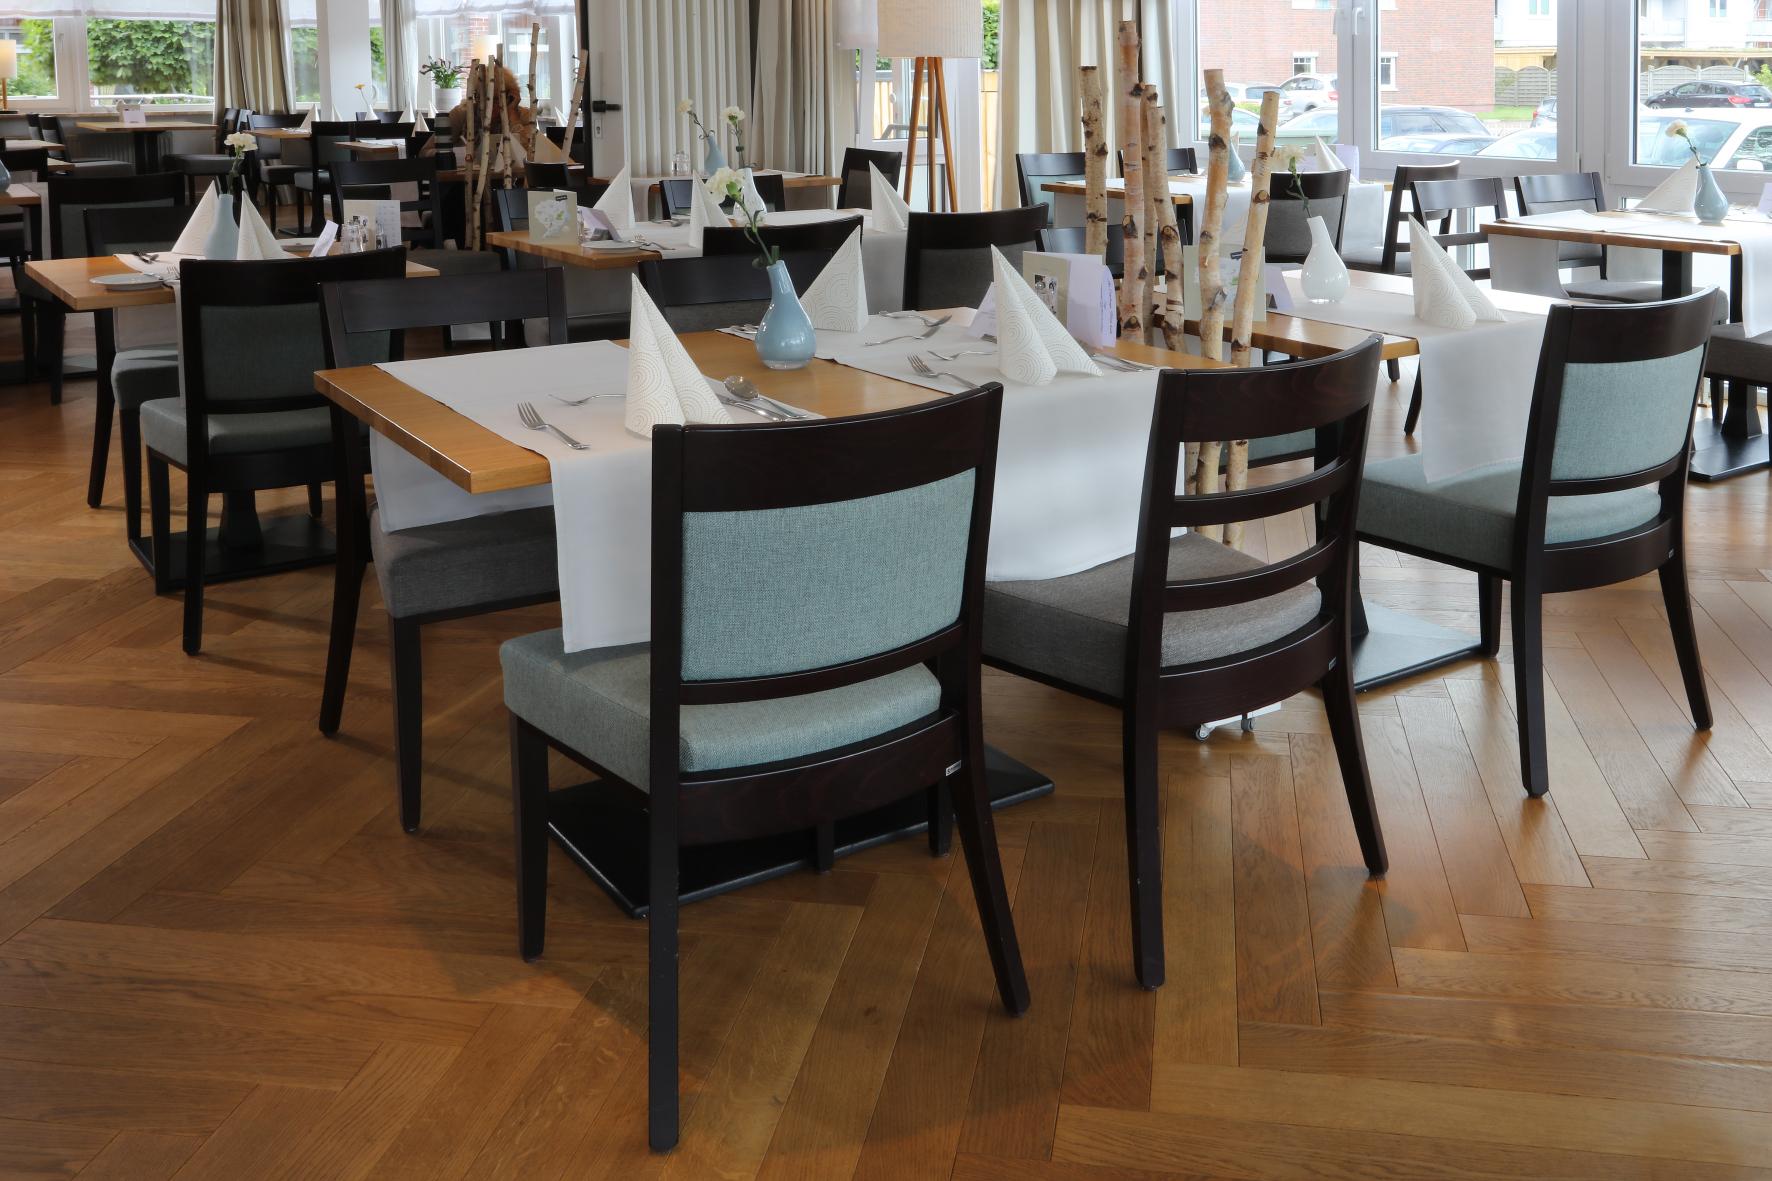 Neue Gastronomie-Möblierung für Hotel Erholung in Kellenhusen